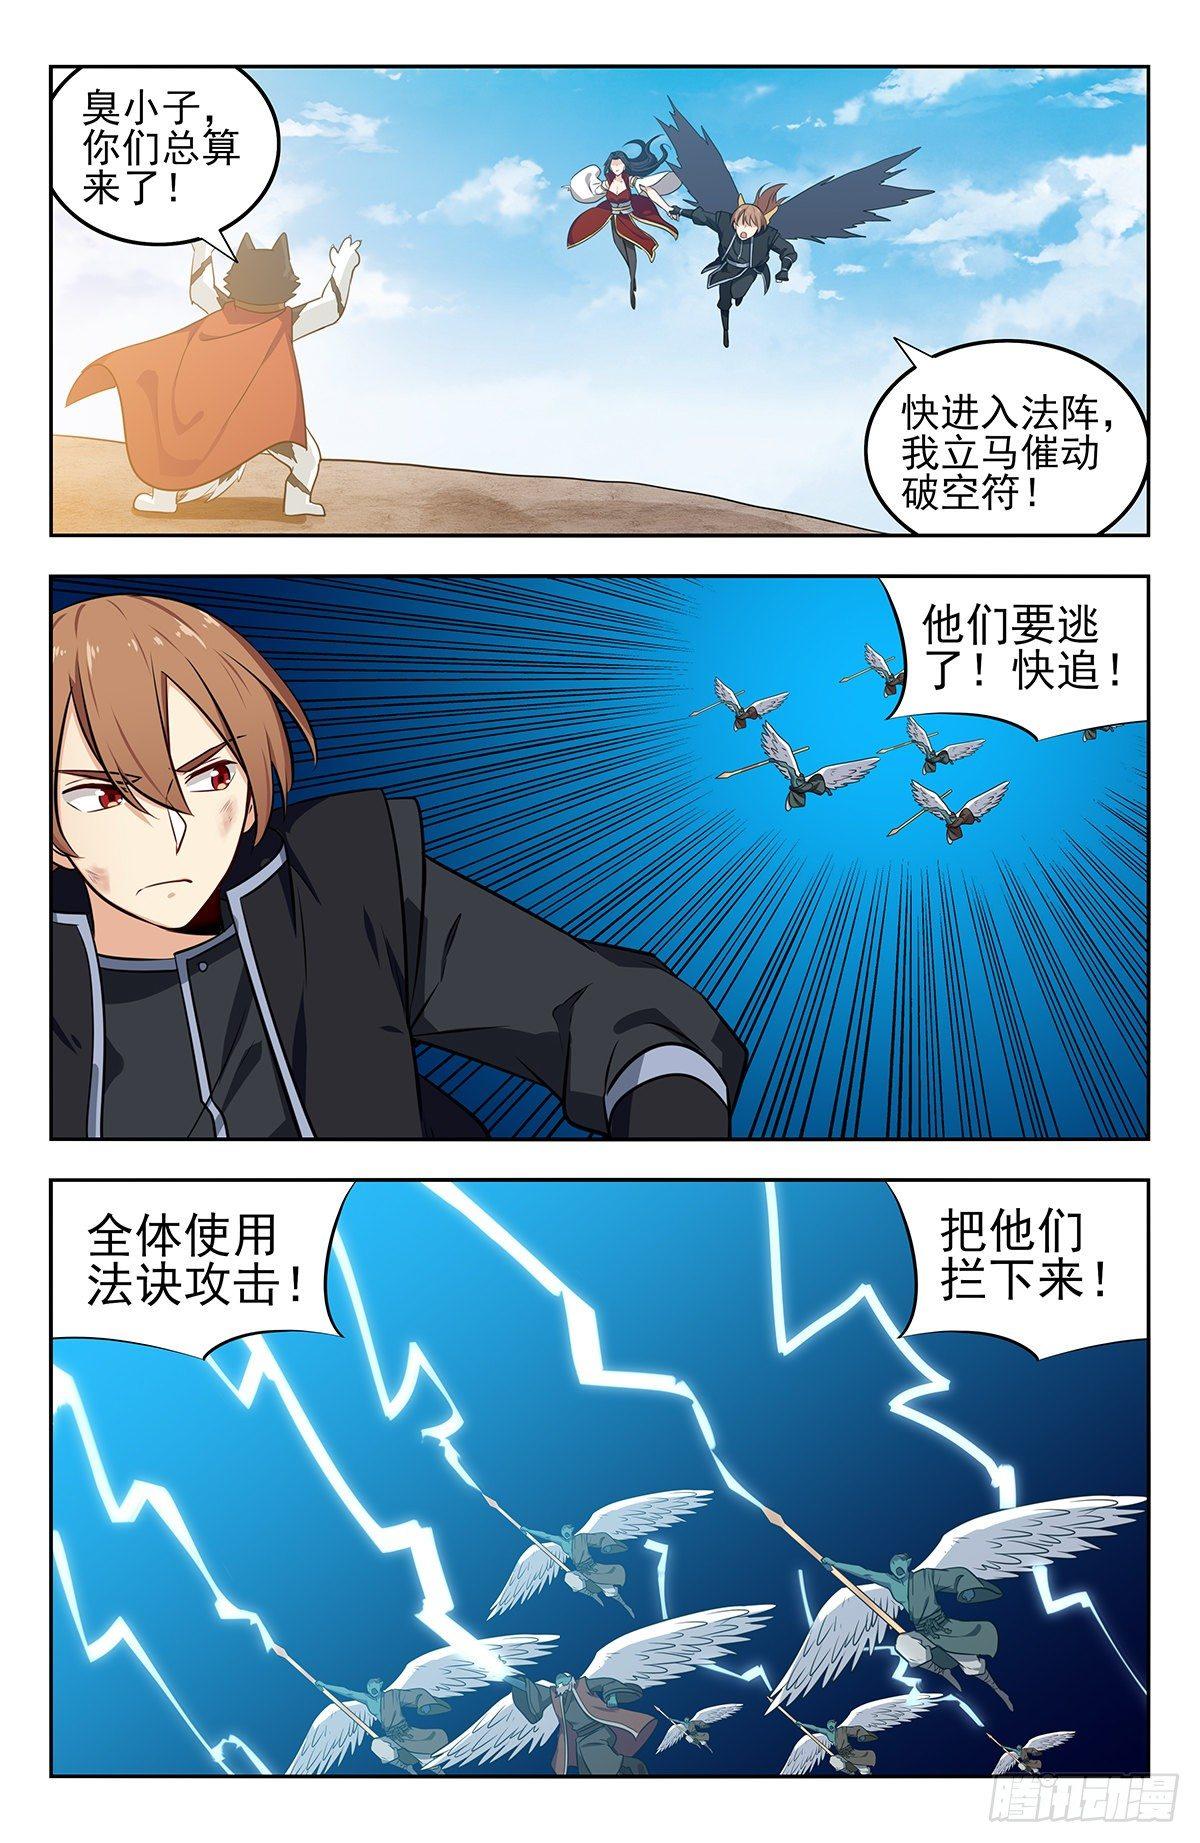 【漫画更新】最强反套路系统   第291话